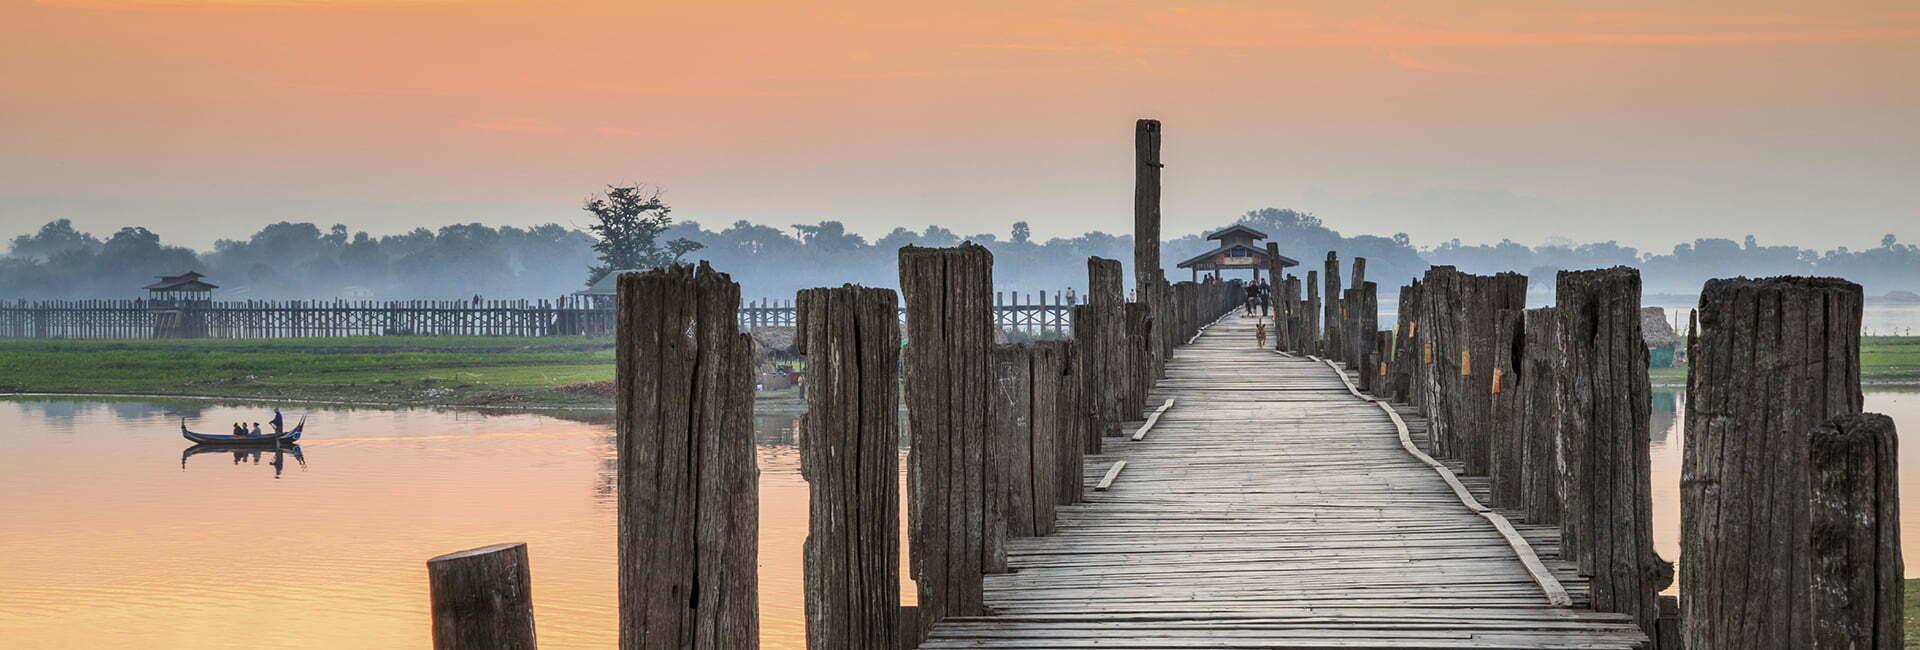 Myanmar tour of all splendour